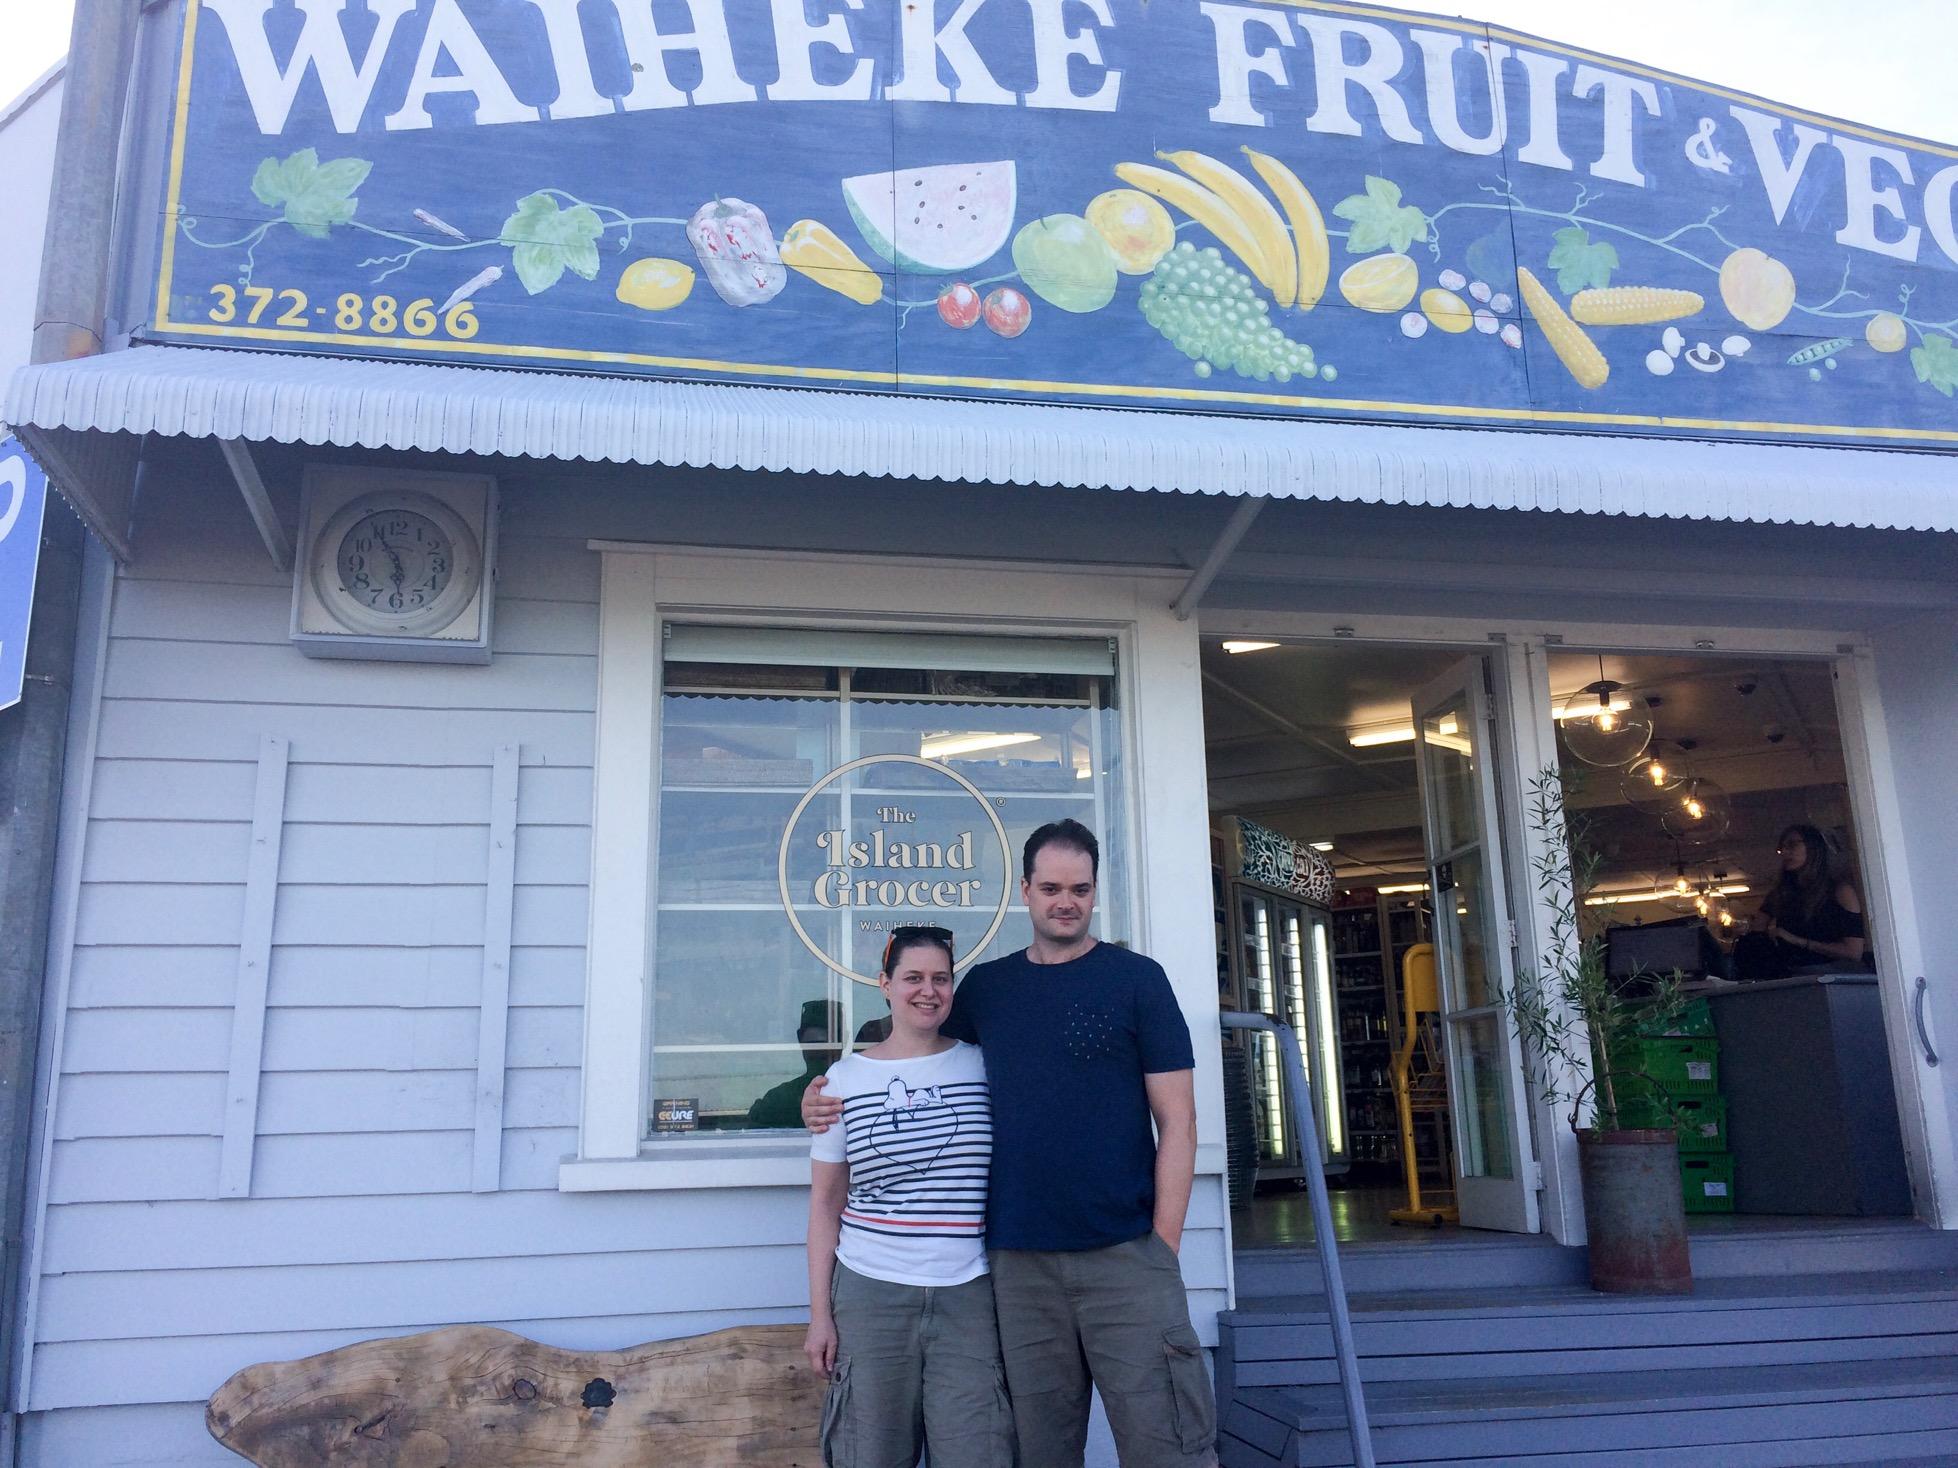 Waiheke Fruit and Vegetables, New Zealand